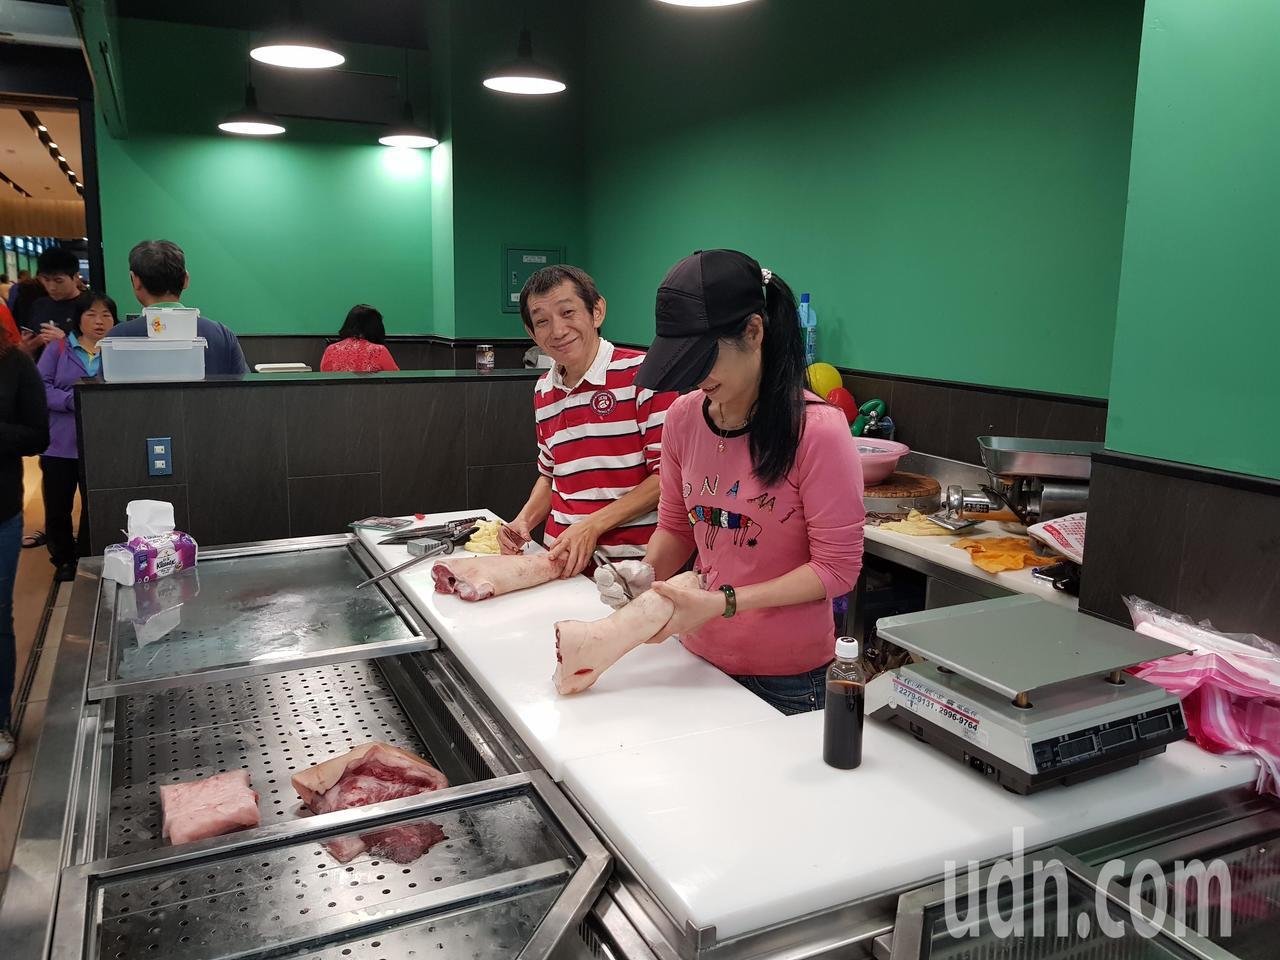 大龍市場像超市今試營運 學者:傳統味還在